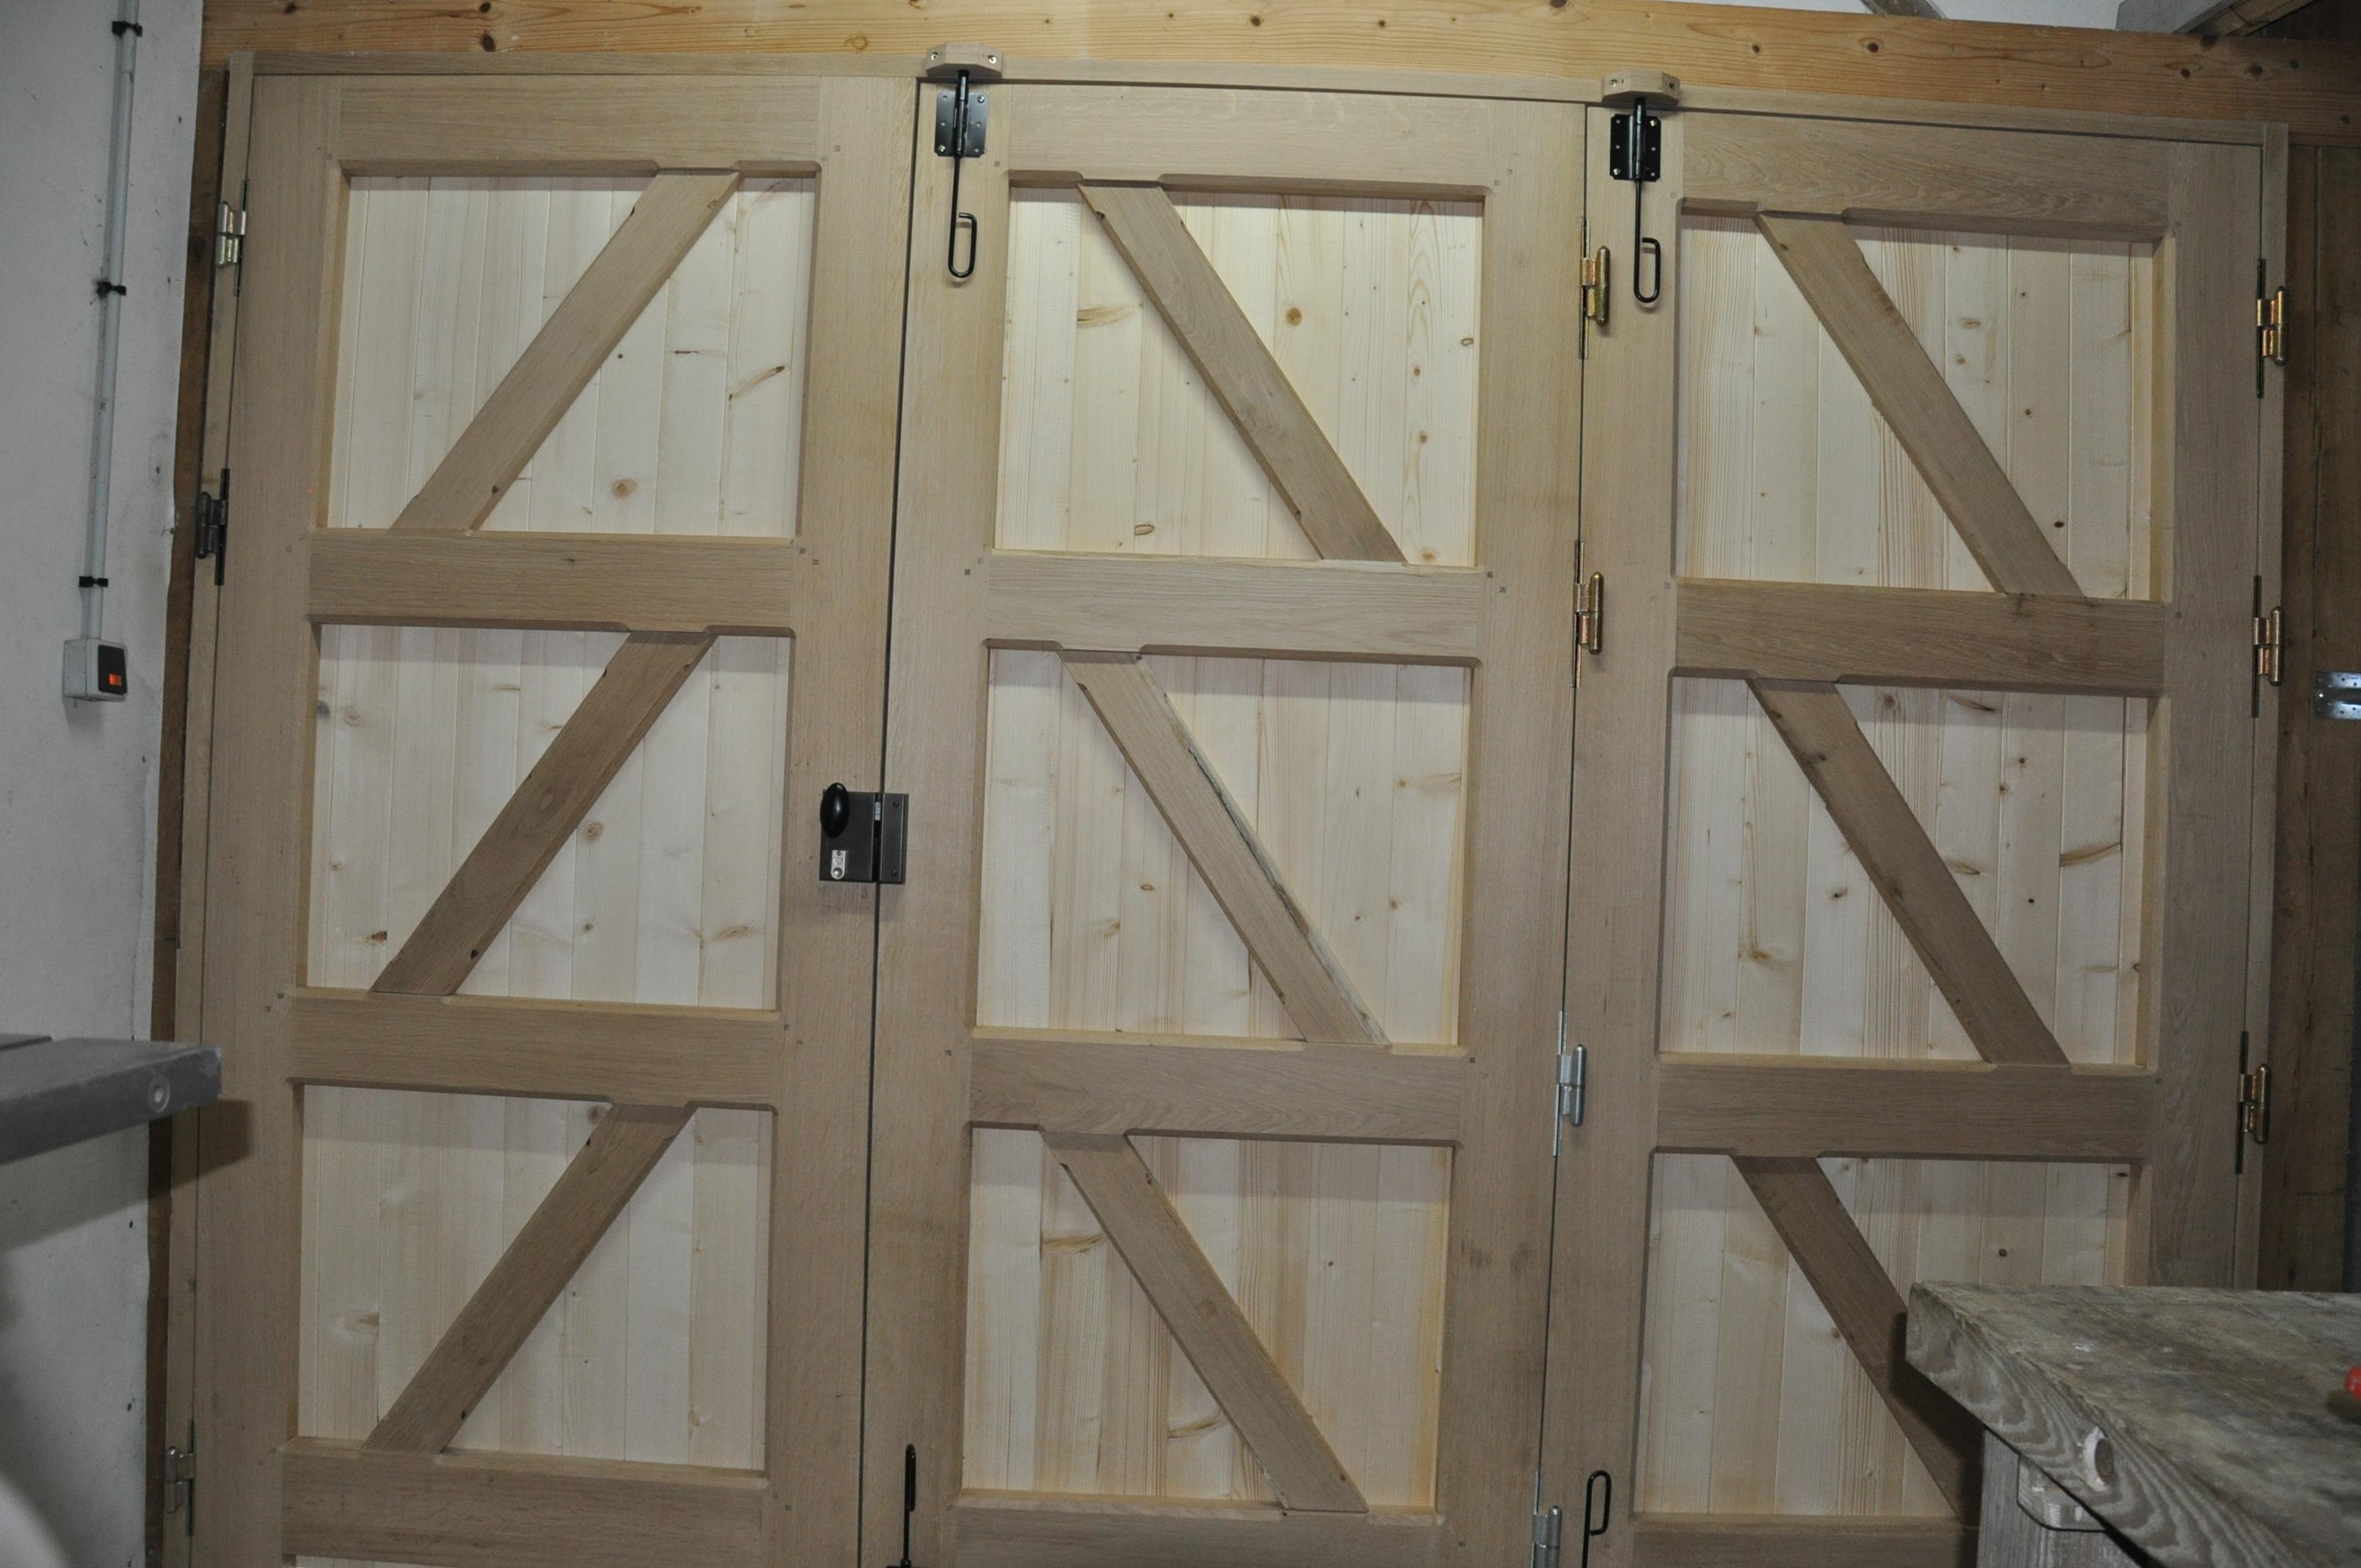 Fabriquer Une Porte De Garage En Bois fabrication d 39 une porte de garage hangar coulissante  # Fabriquer Une Porte De Garage En Bois